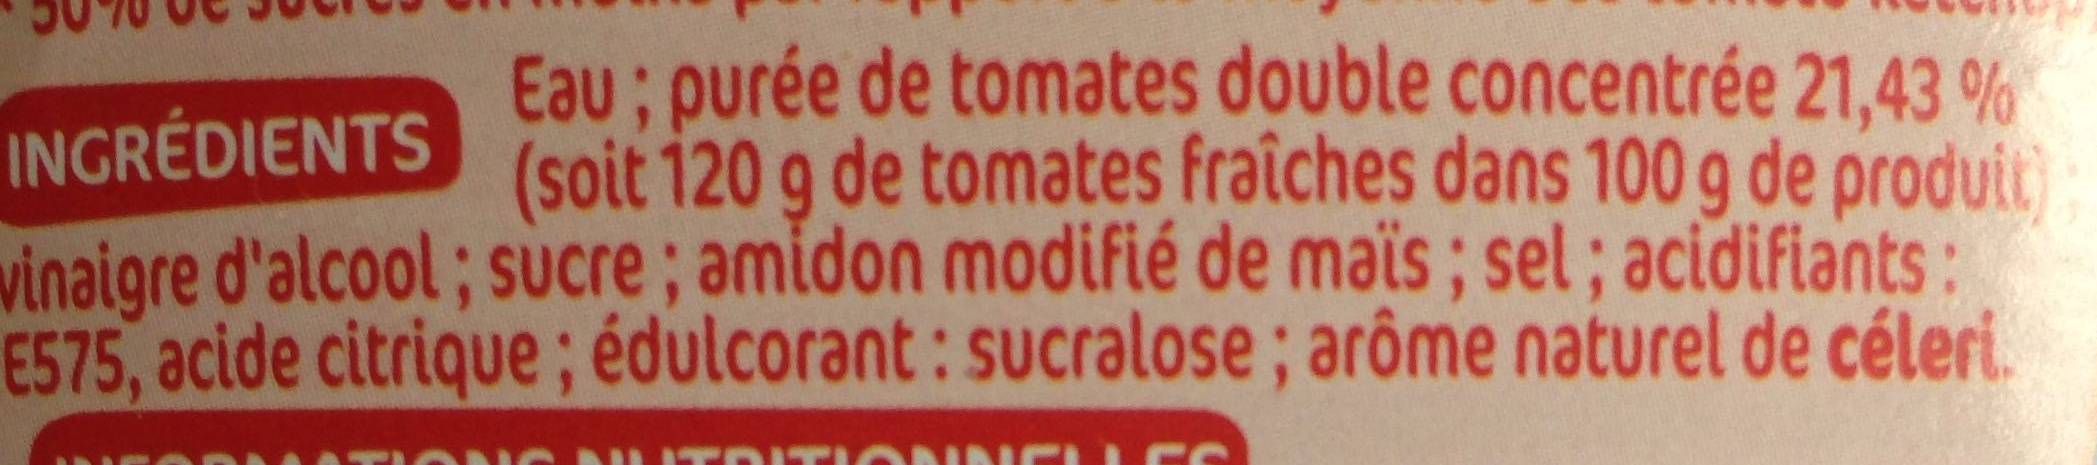 Ketchup allégé en sucres - Ingrédients - fr